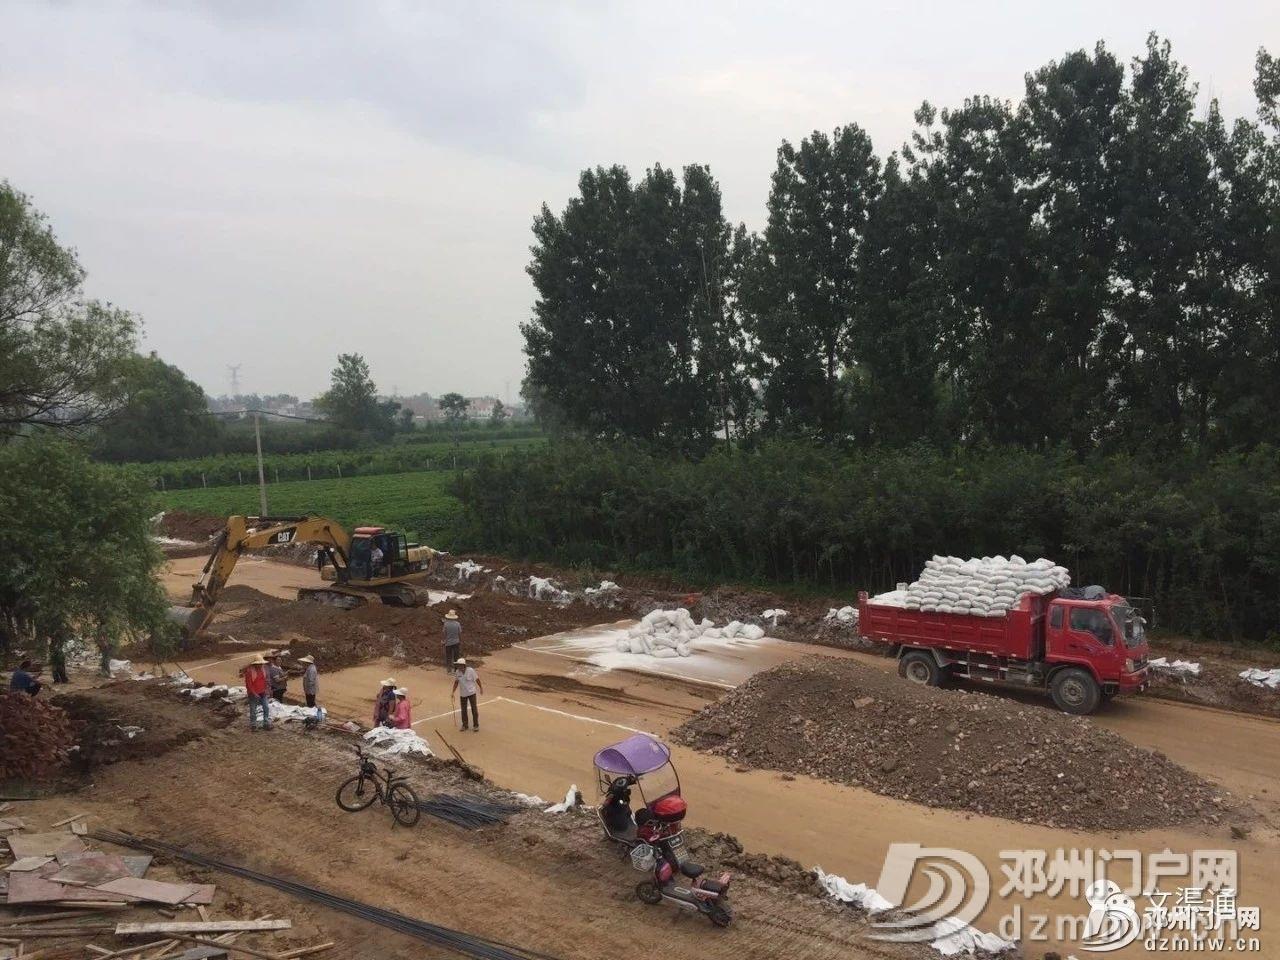 (直击现场)S243文渠聂营段施工最新进展第②天 - 邓州门户网|邓州网 - c57ac30433d771388df823401522f2fe.jpg